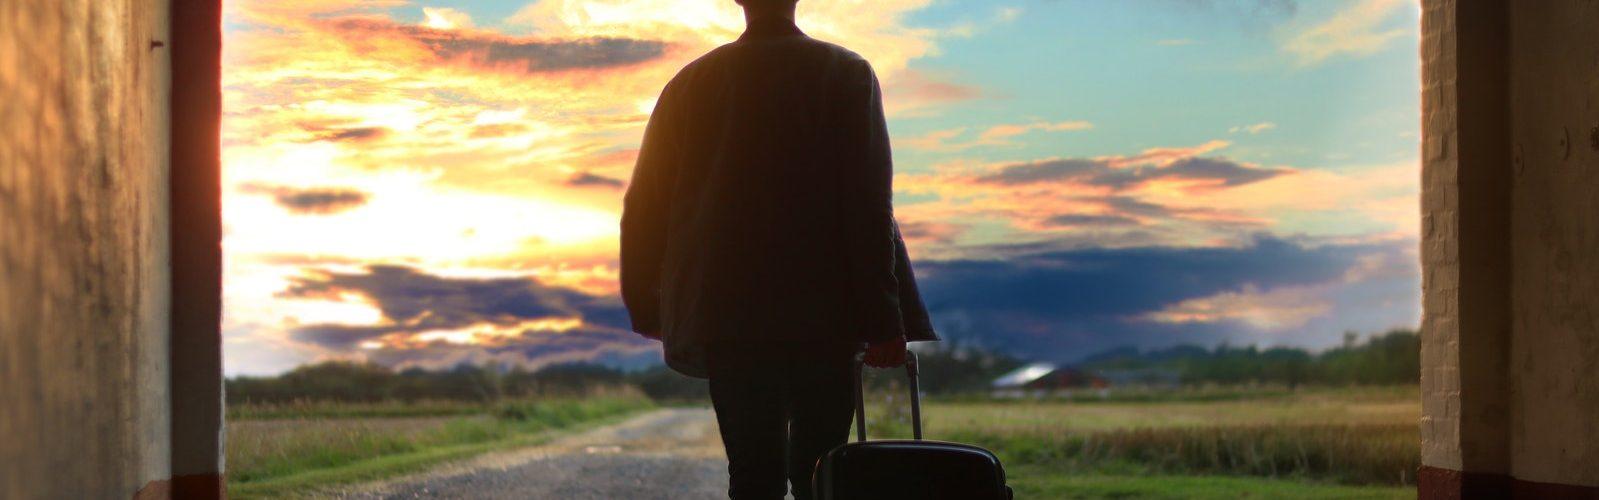 man op reis met koffer